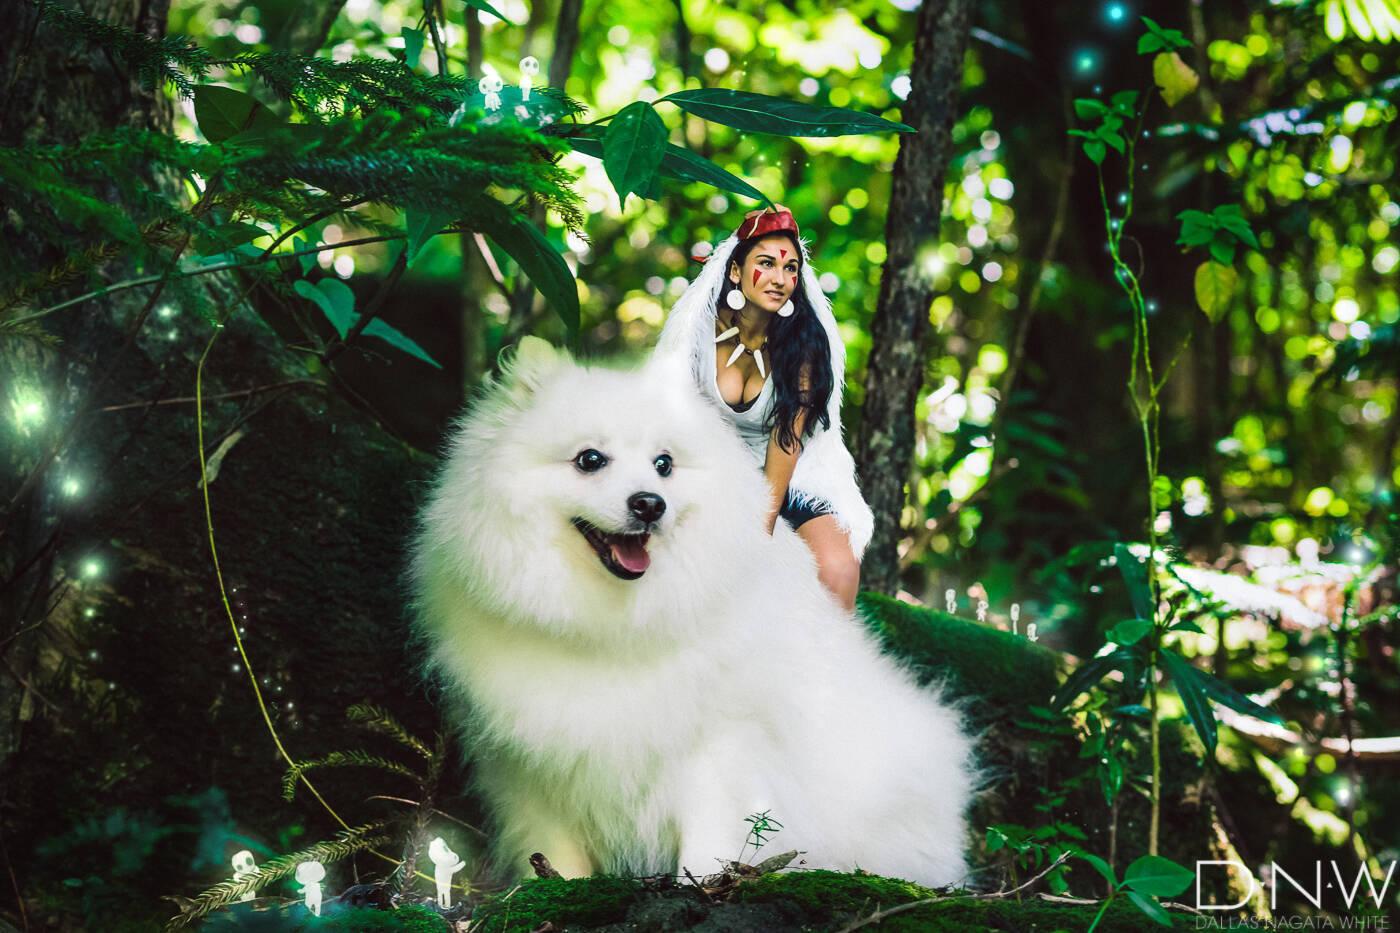 ハワイ在住アーティストの もののけ姫 コスプレ写真がレベル高っ